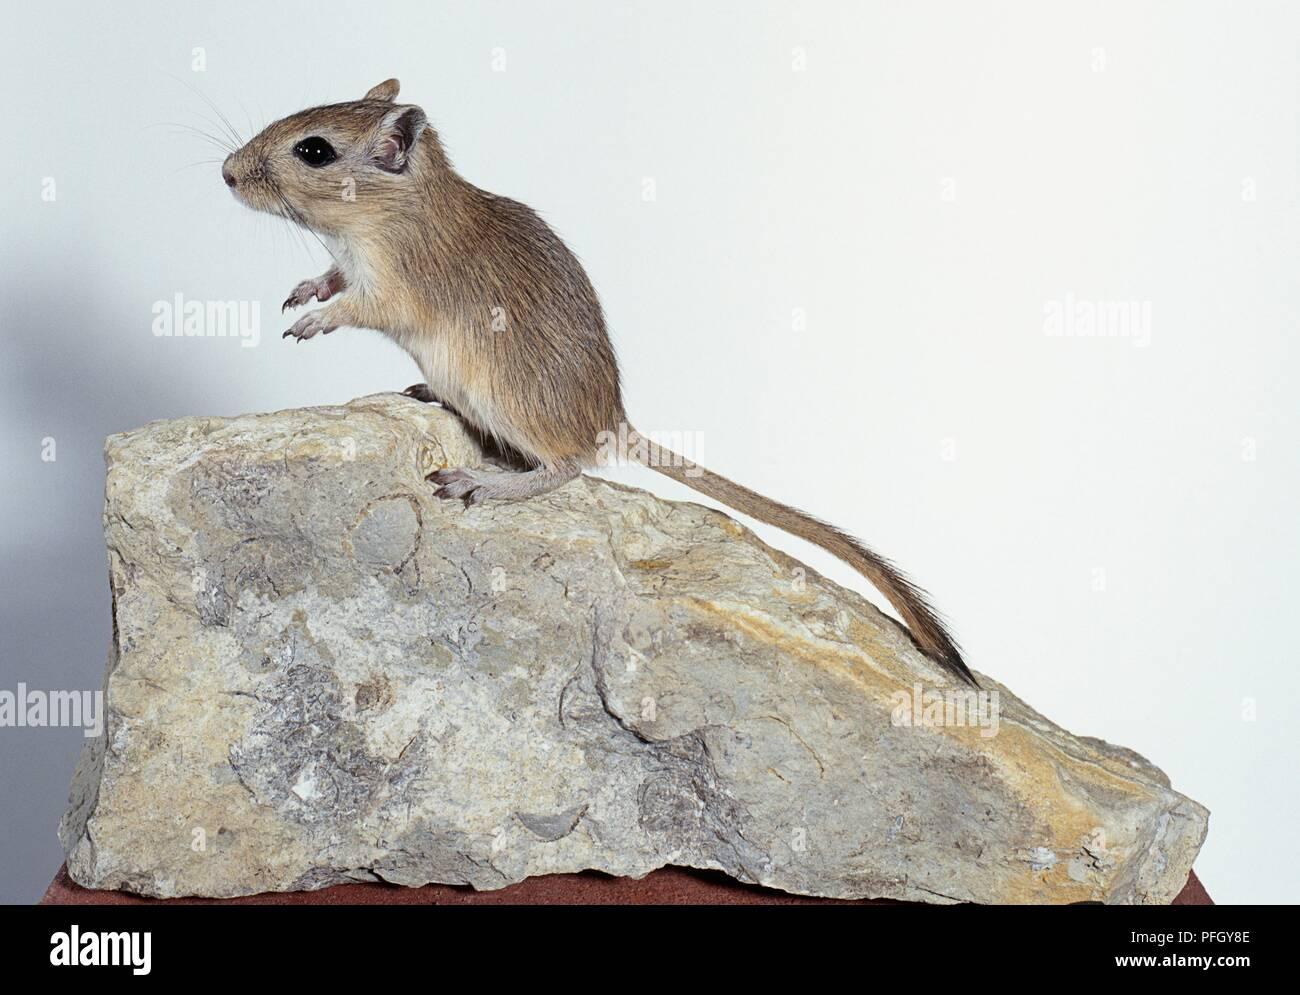 Mongolische Wüstenrennmaus (Meriones unguiculatus) steht auf einem Felsen, Seitenansicht Stockbild